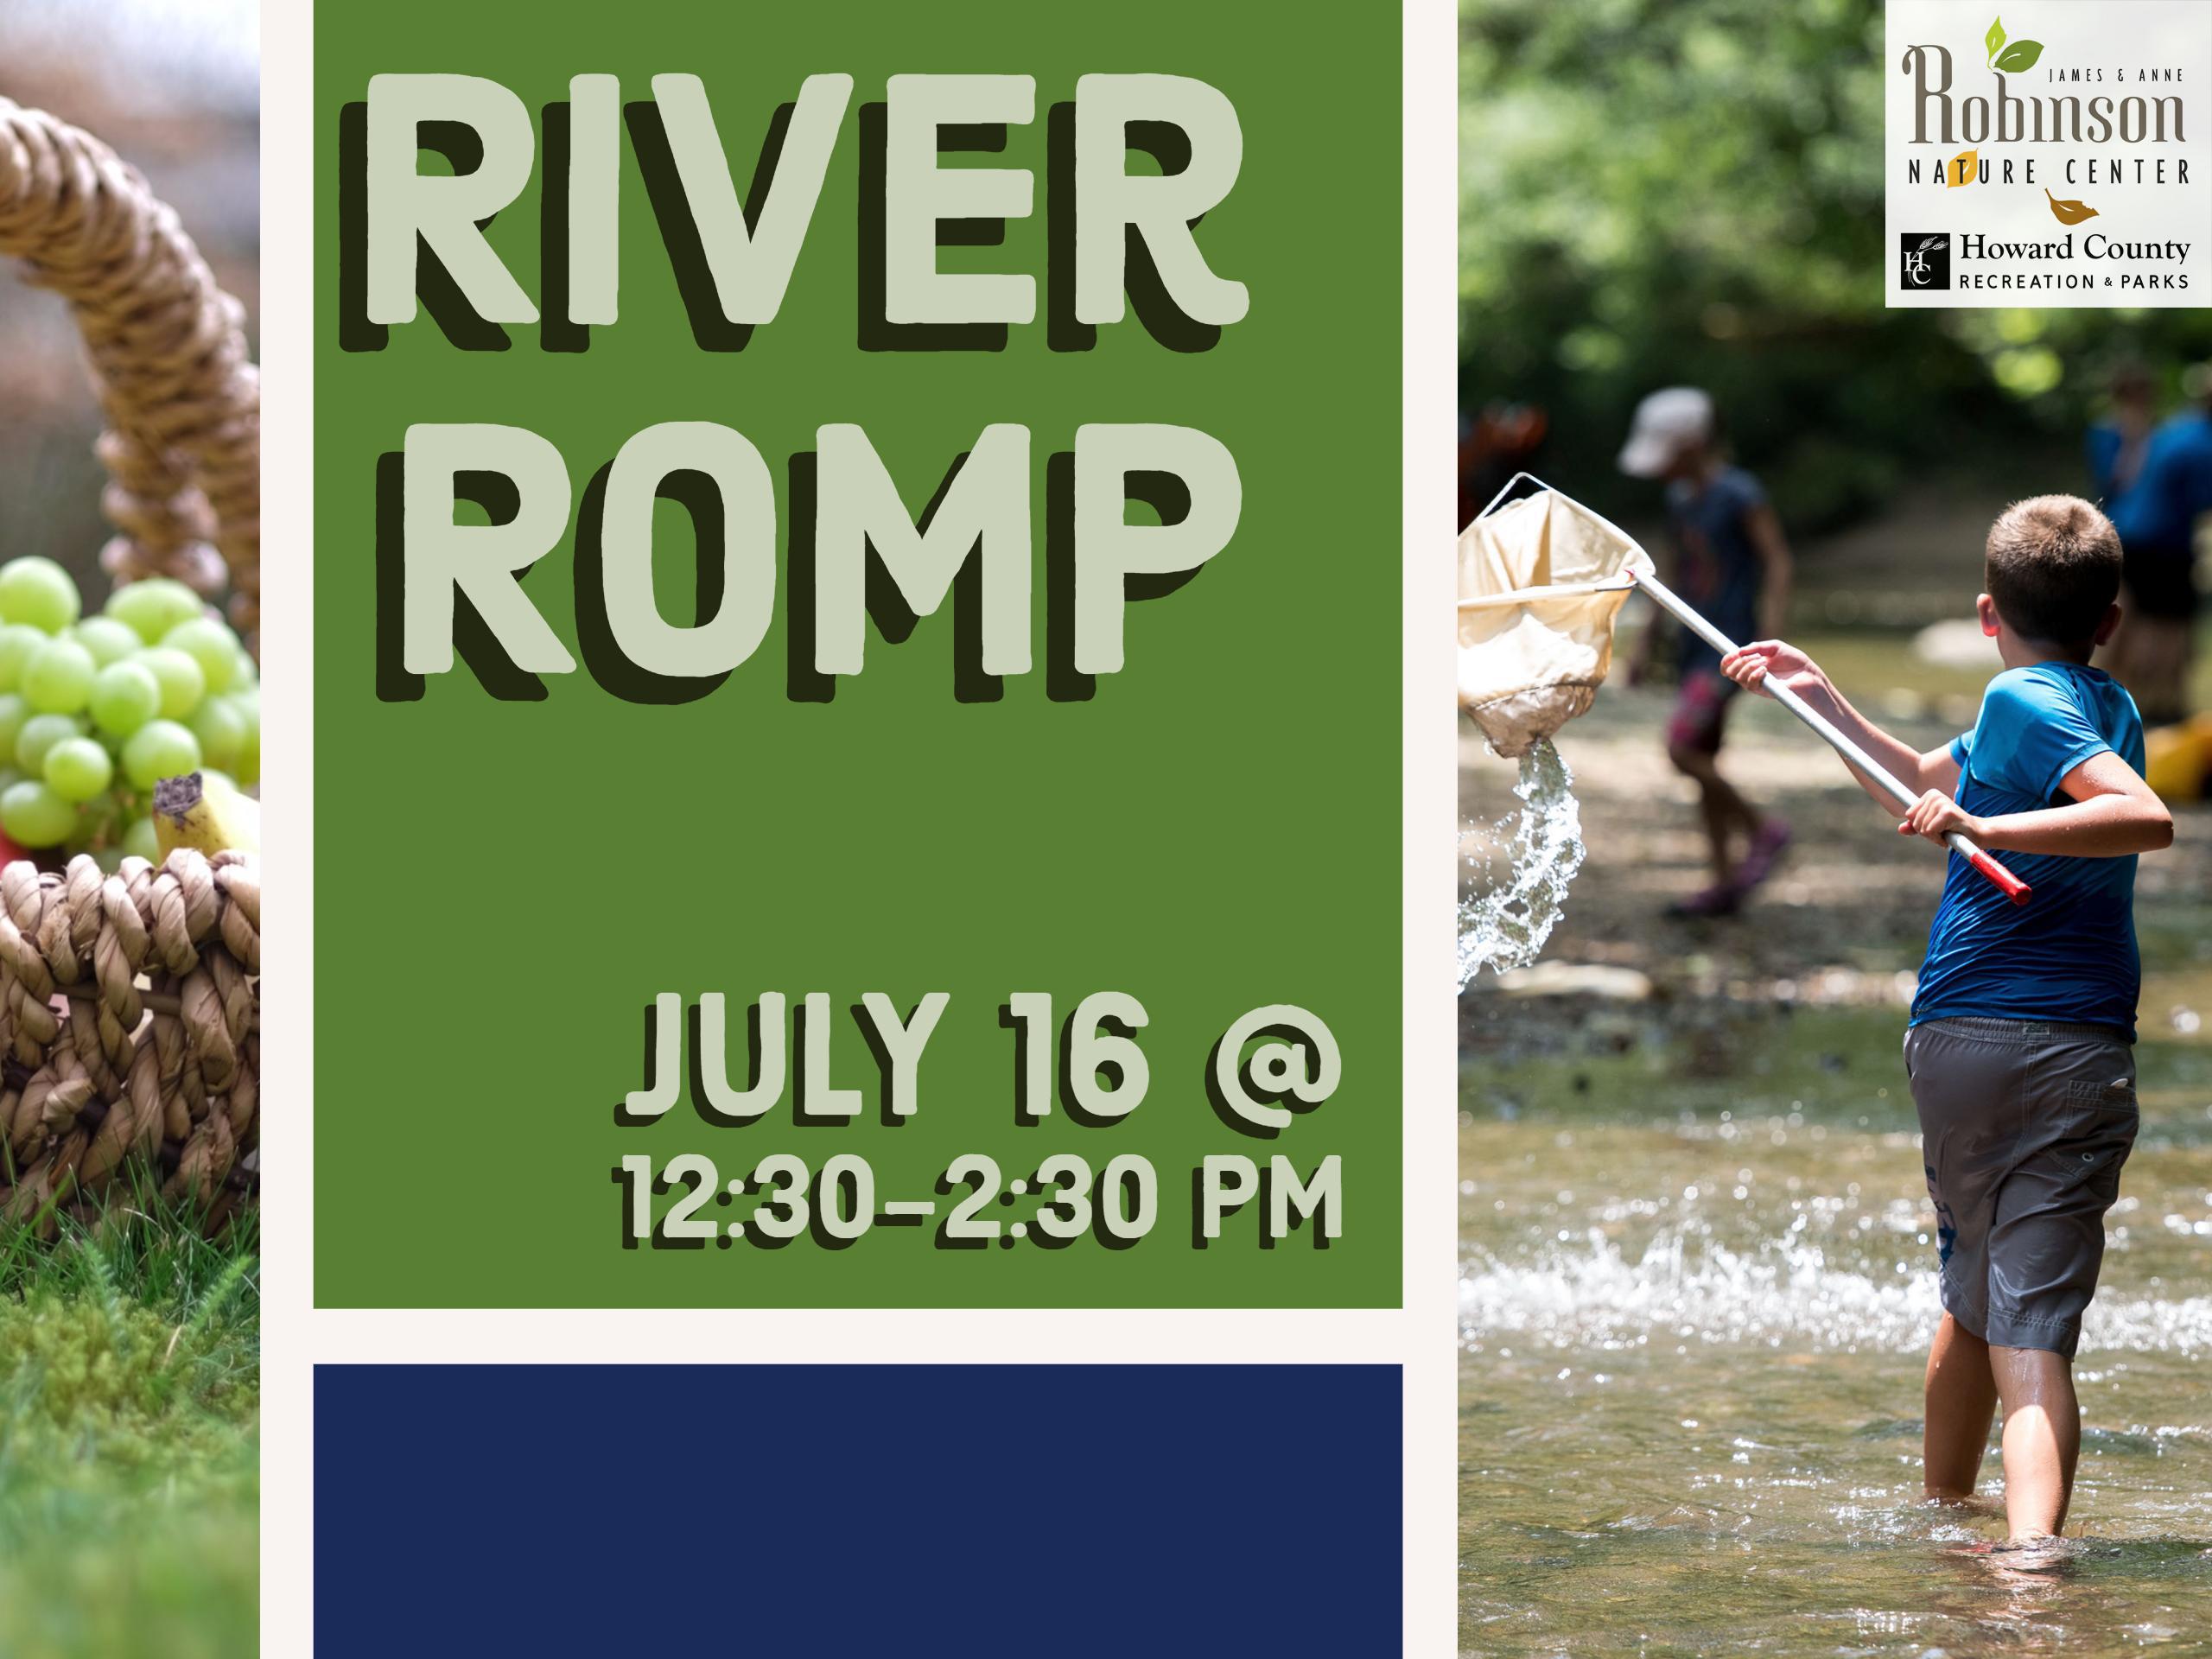 River Romp